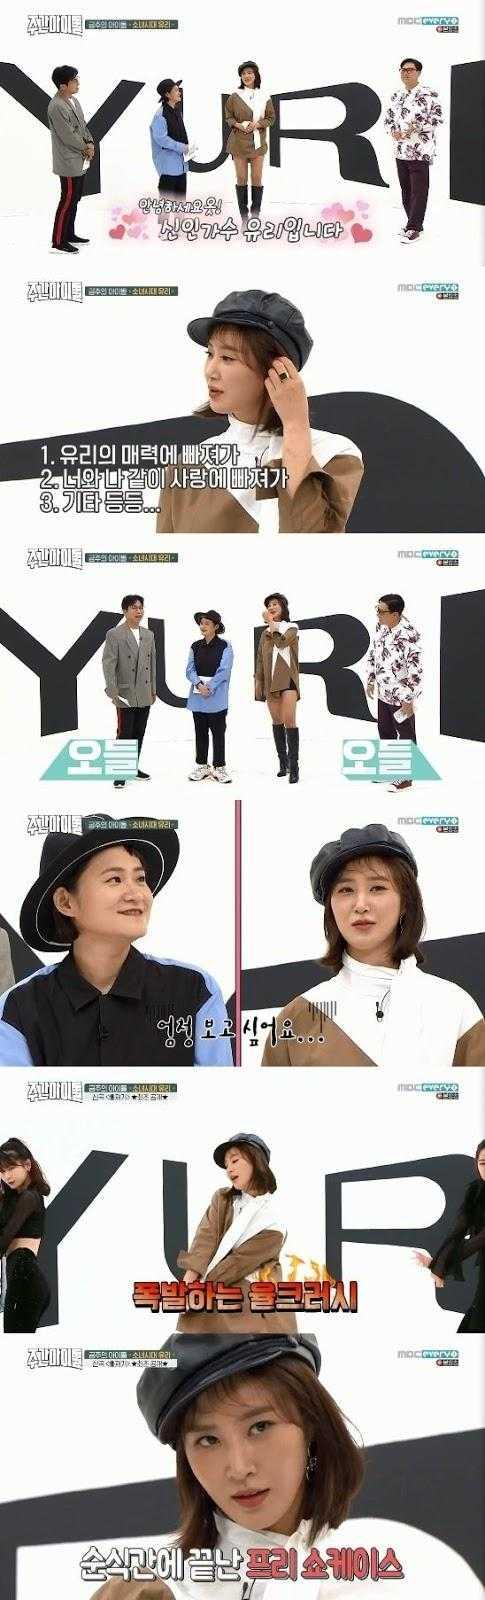 Yuri 'Weekly Idol'da solo çıkış yapmasından bahsetti